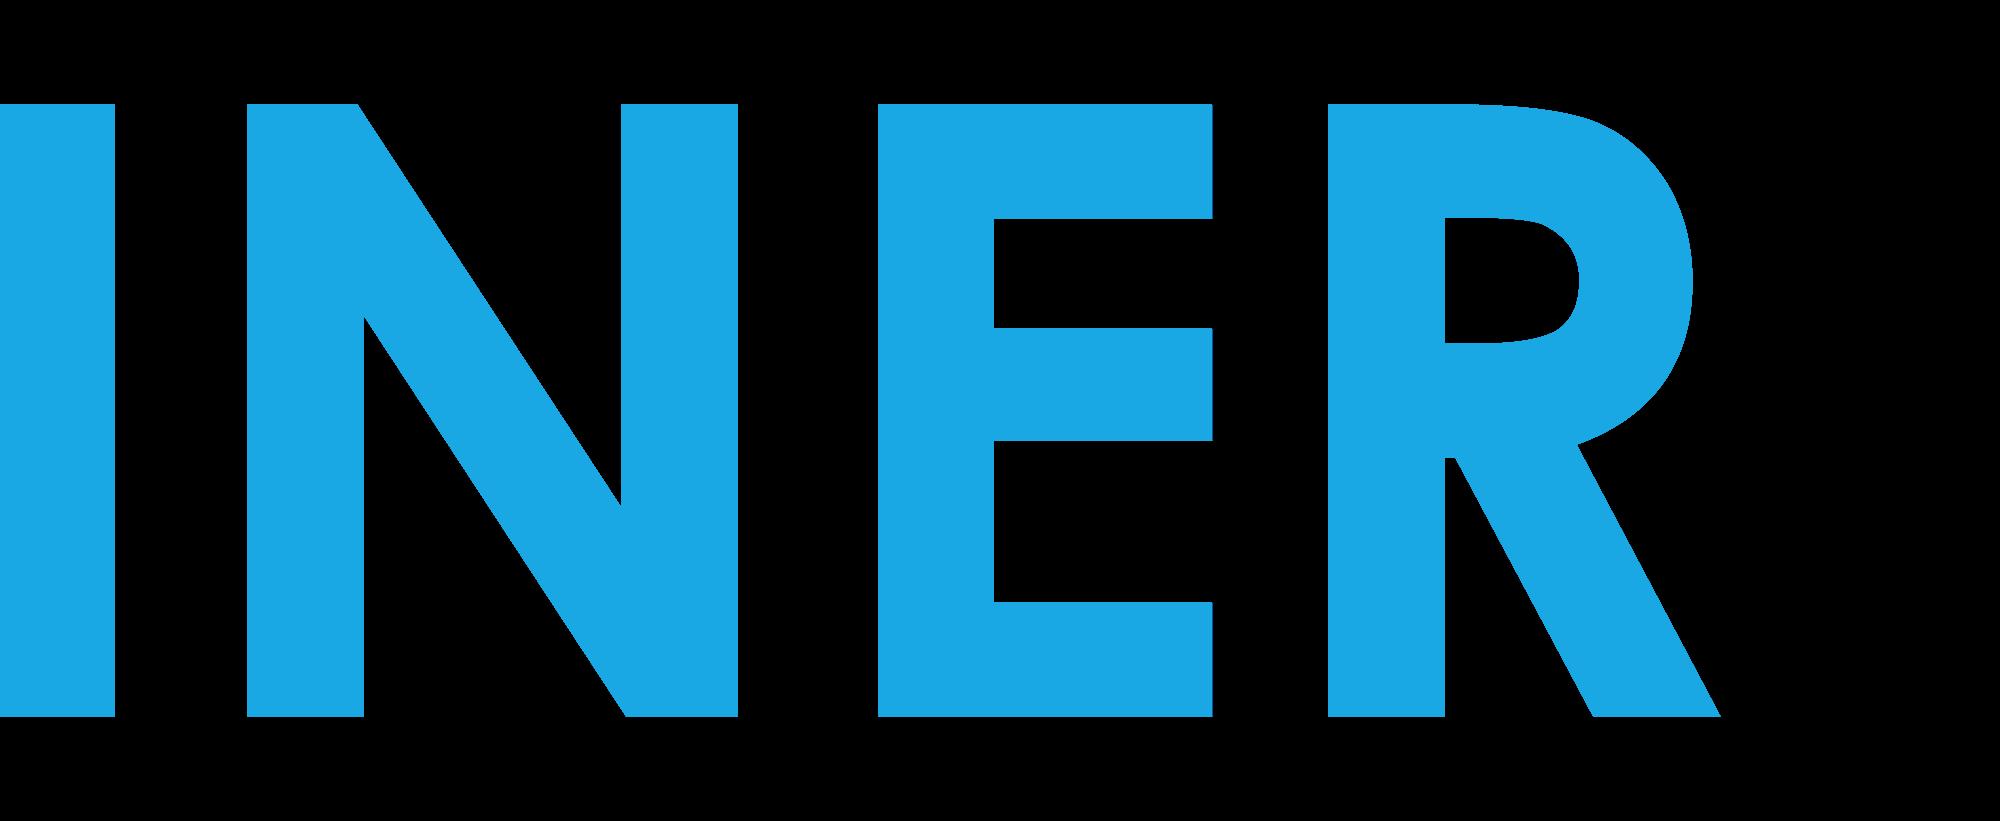 Kleiner Blog Logo - Erstellt auf Fiverr